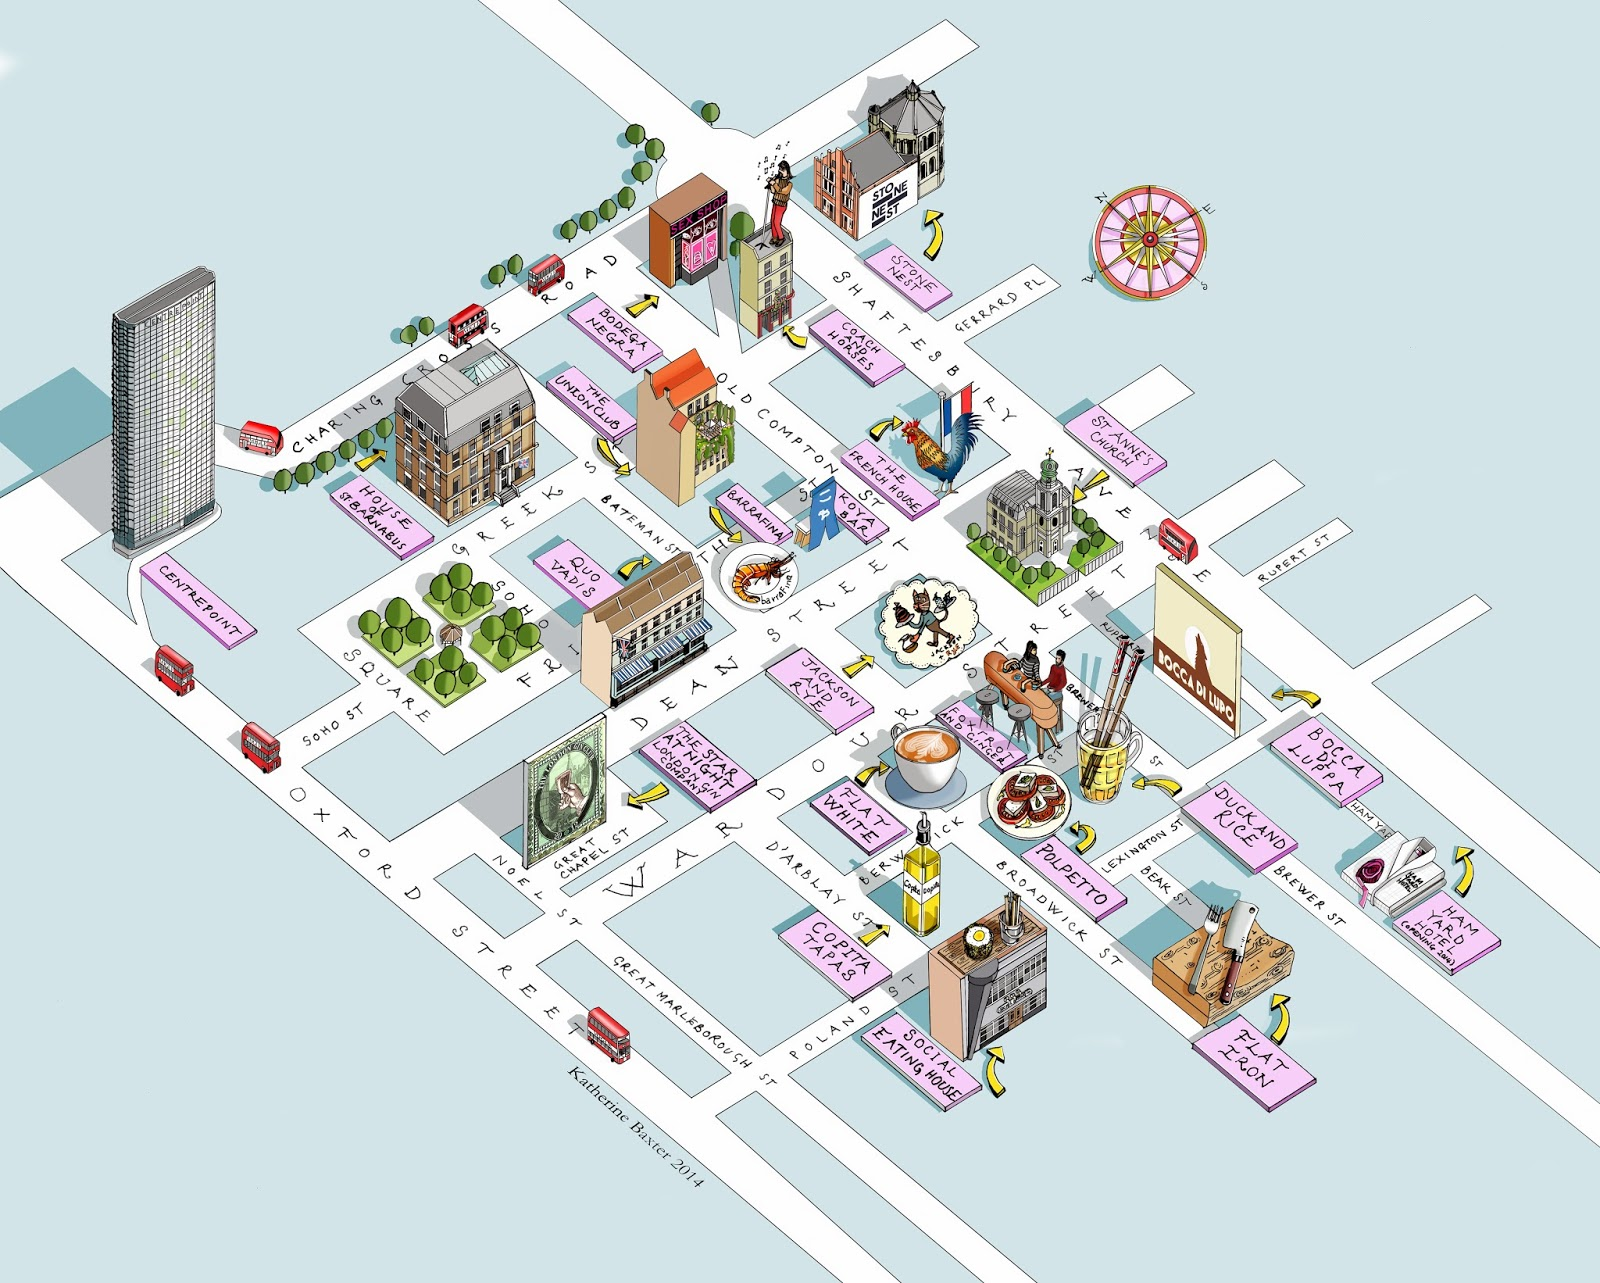 Map Soho London.Katherine Baxter Illustrator Map Of Soho London